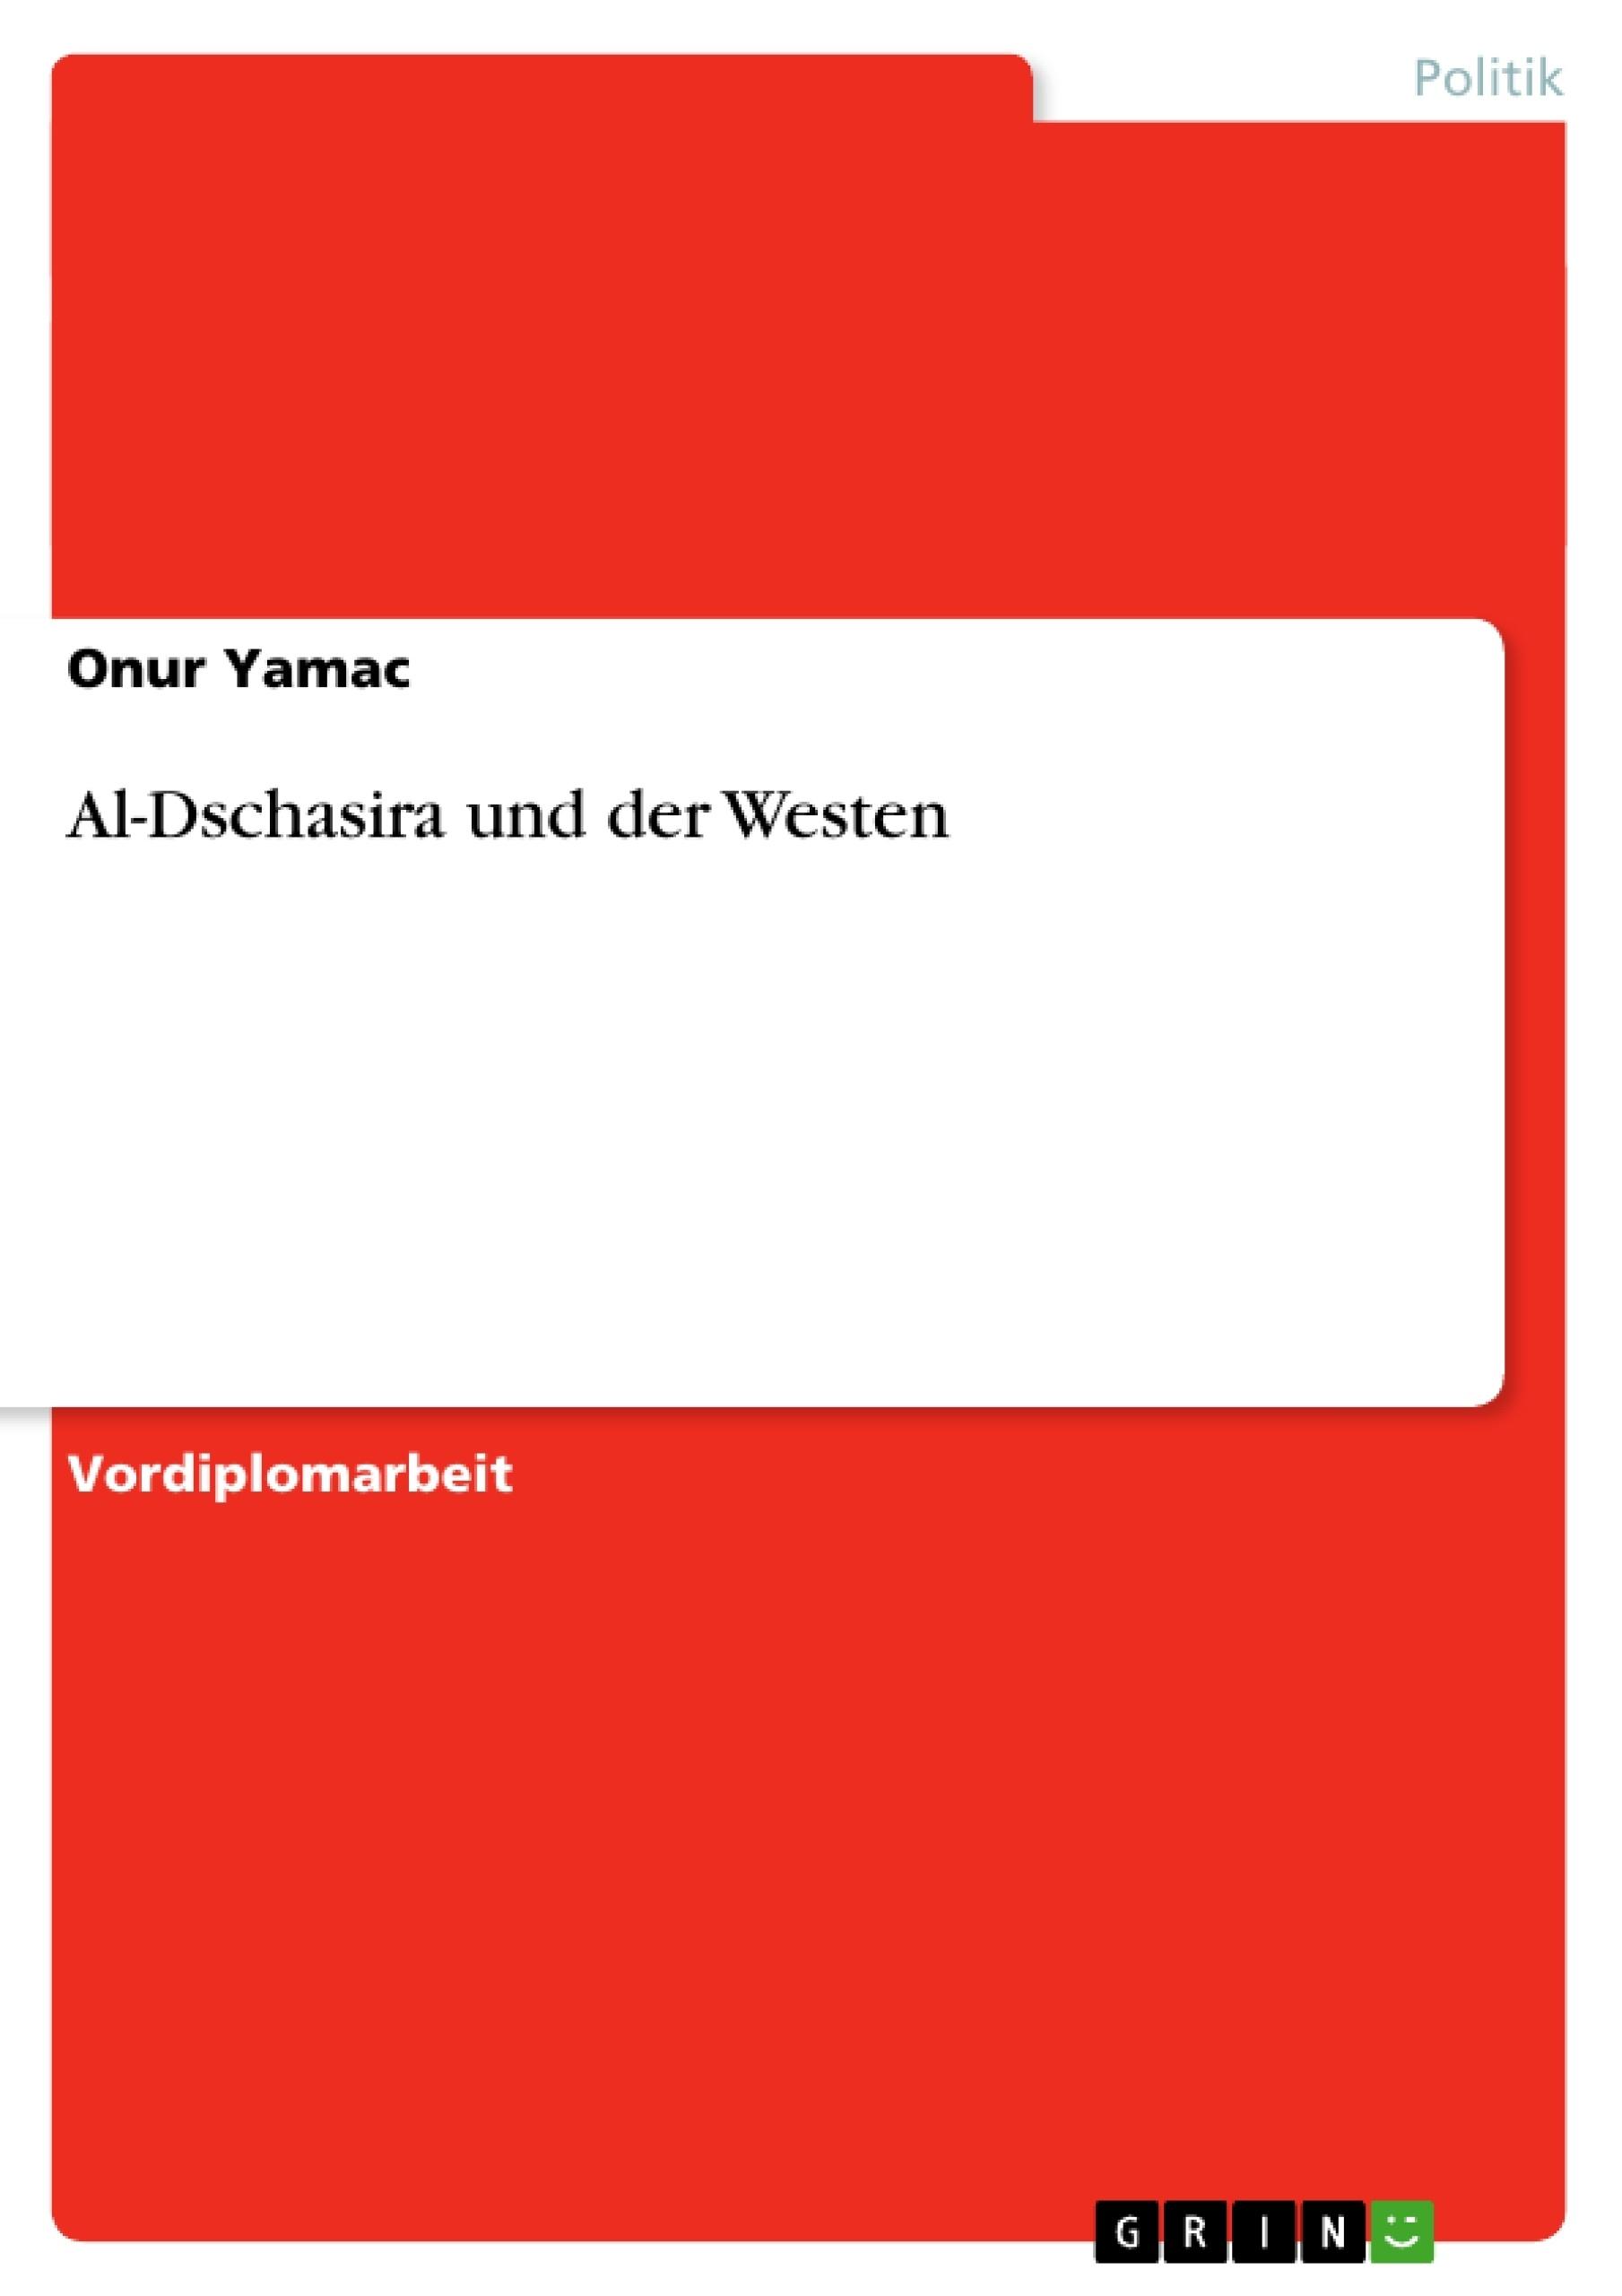 Titel: Al-Dschasira und der Westen